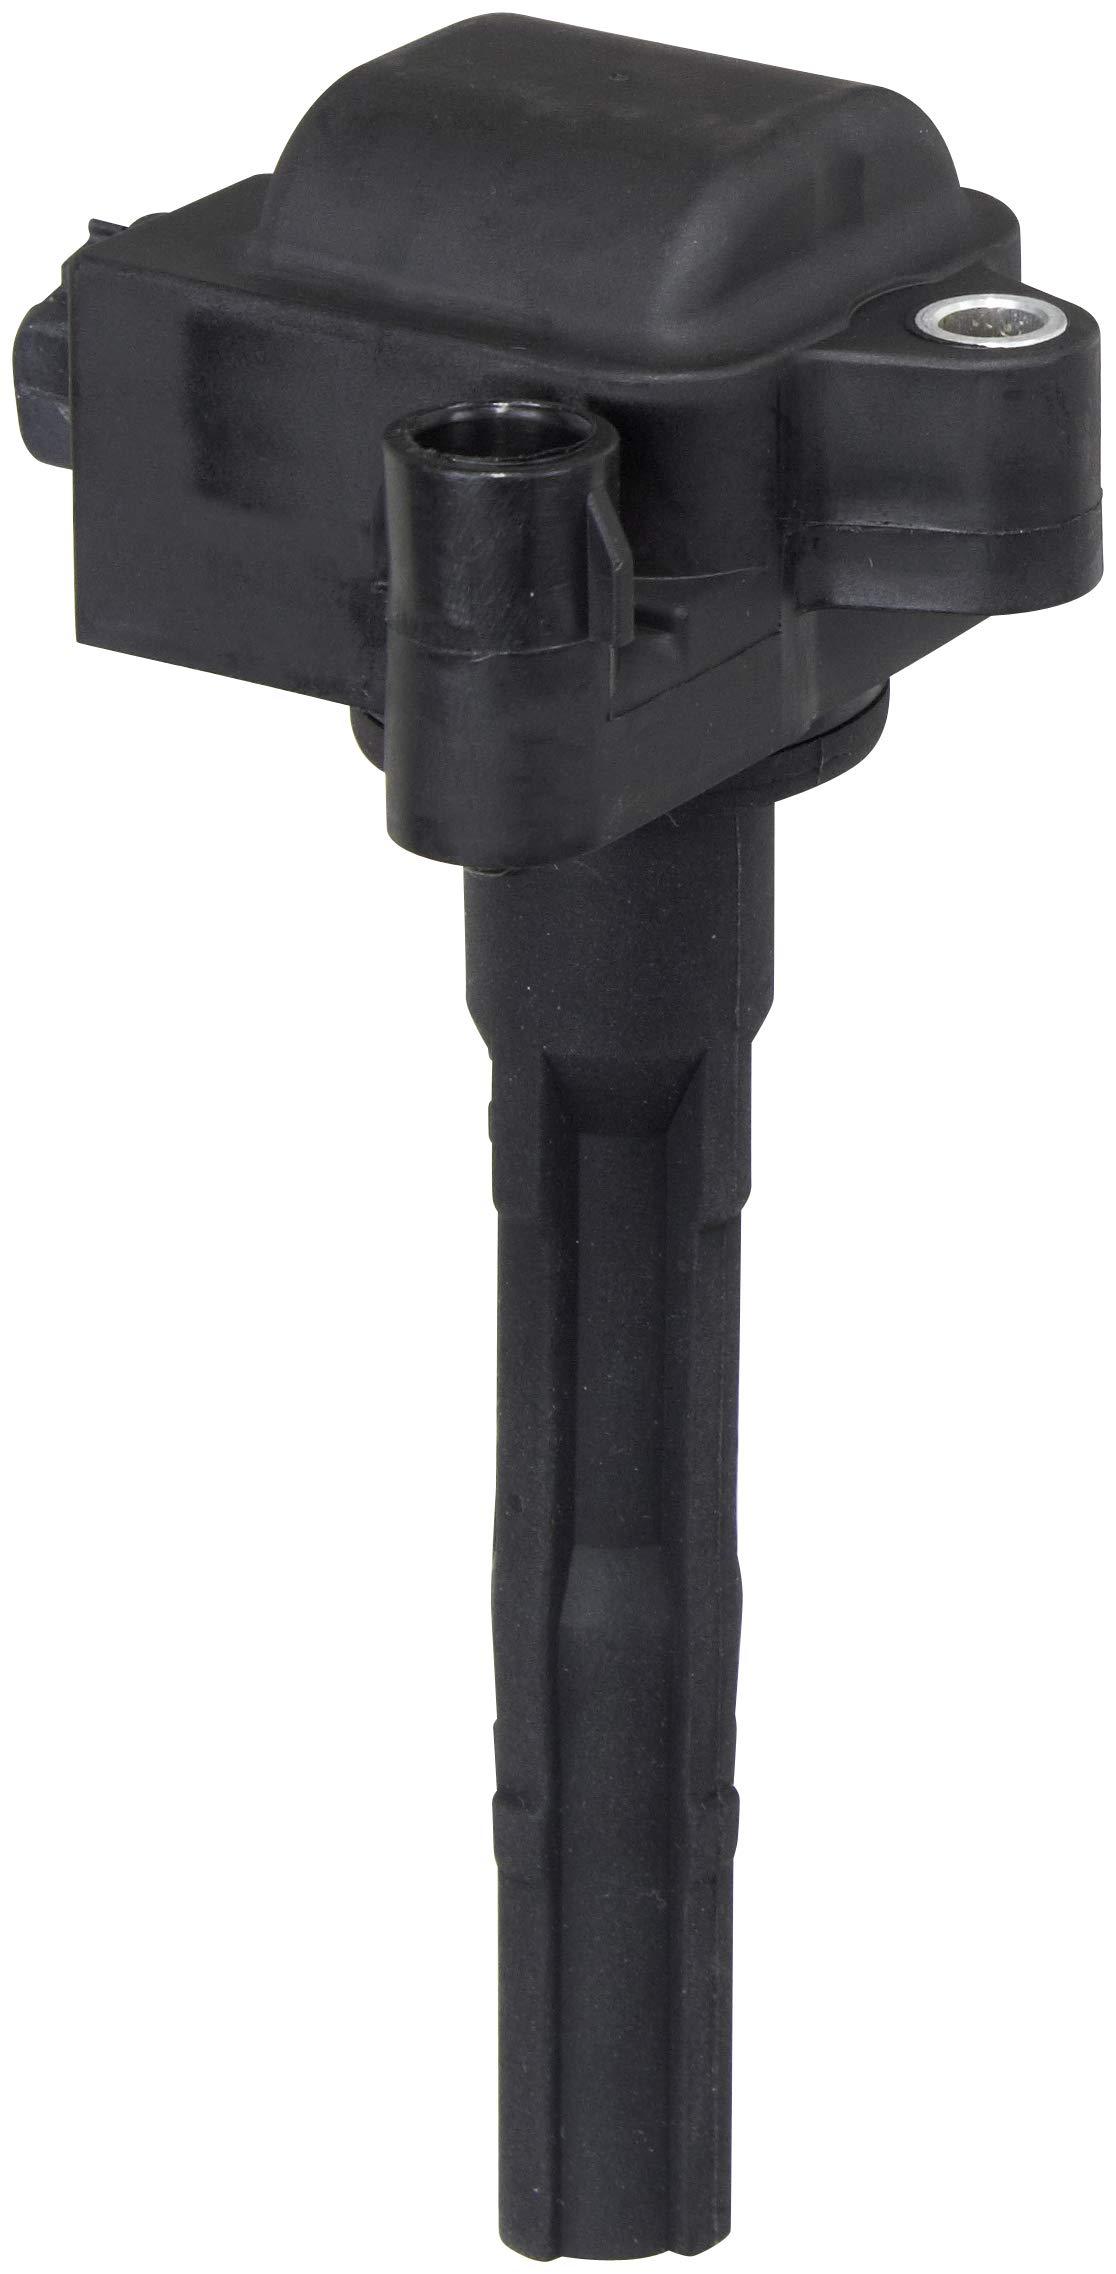 Spectra Premium C-575 Coil on Plug by Spectra Premium